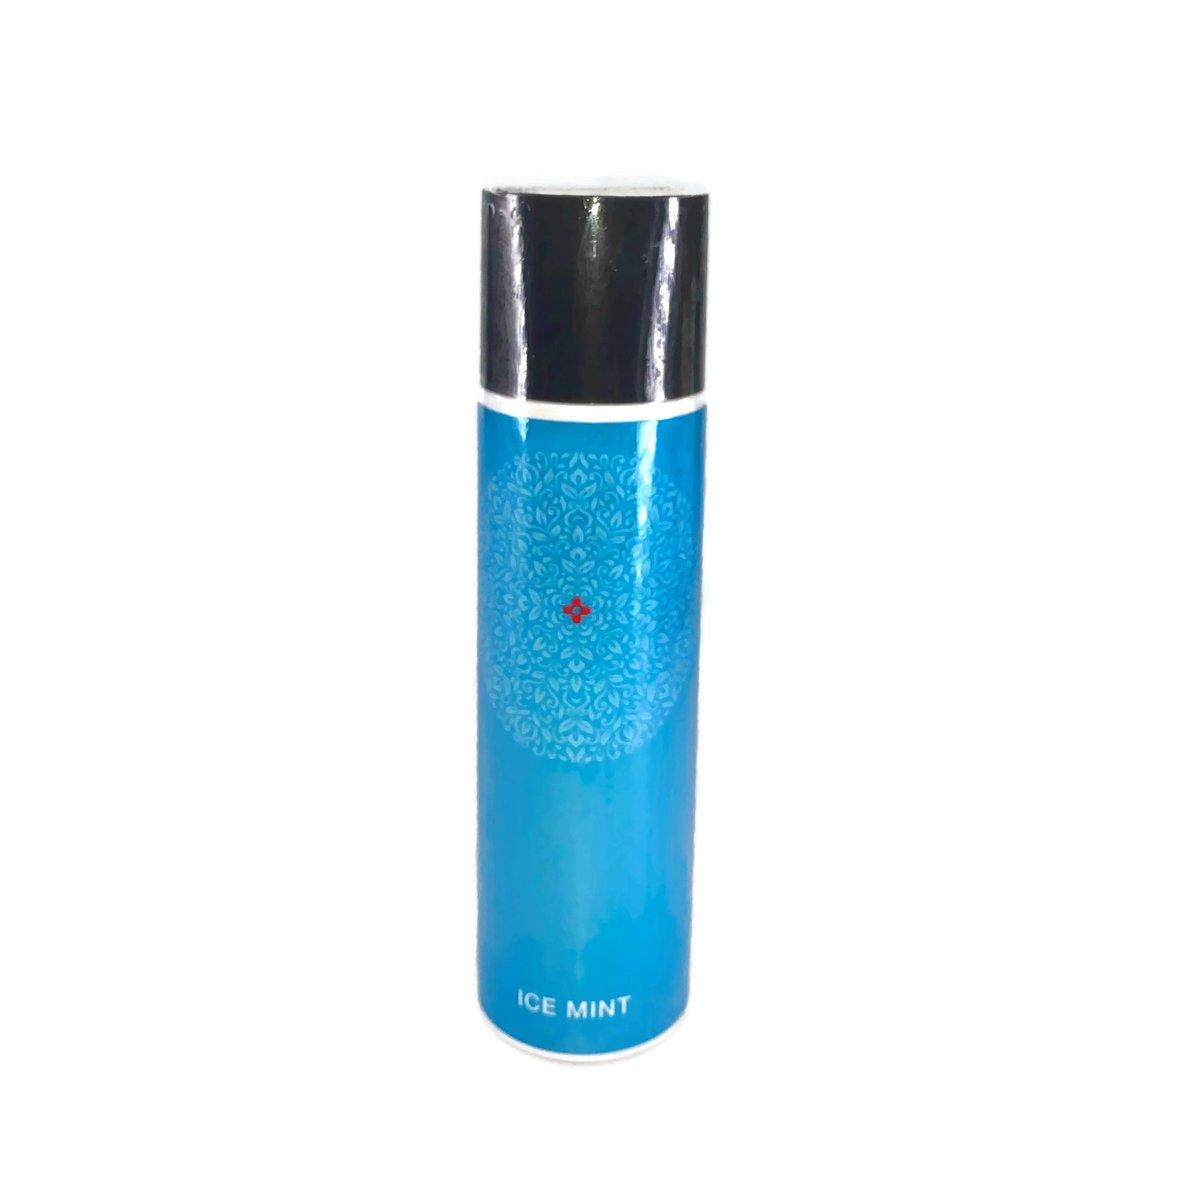 Antibac2K 空氣淨化液 - 冰薄荷 - 125ml